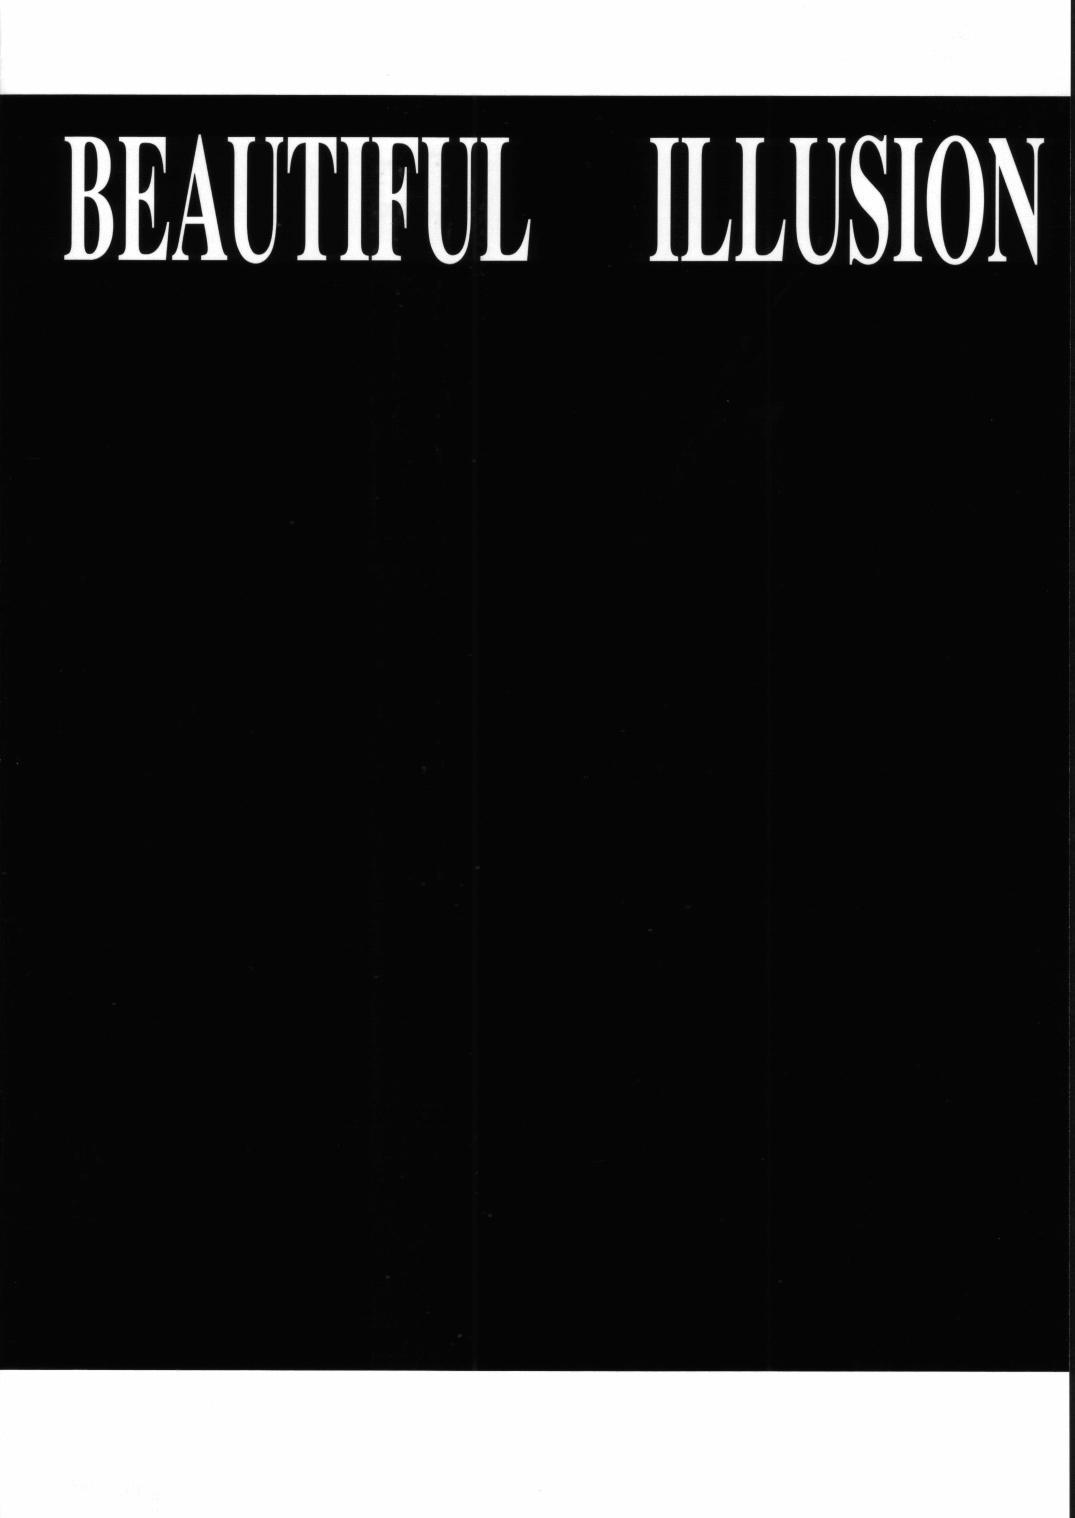 Beautiful Illusion 2 17